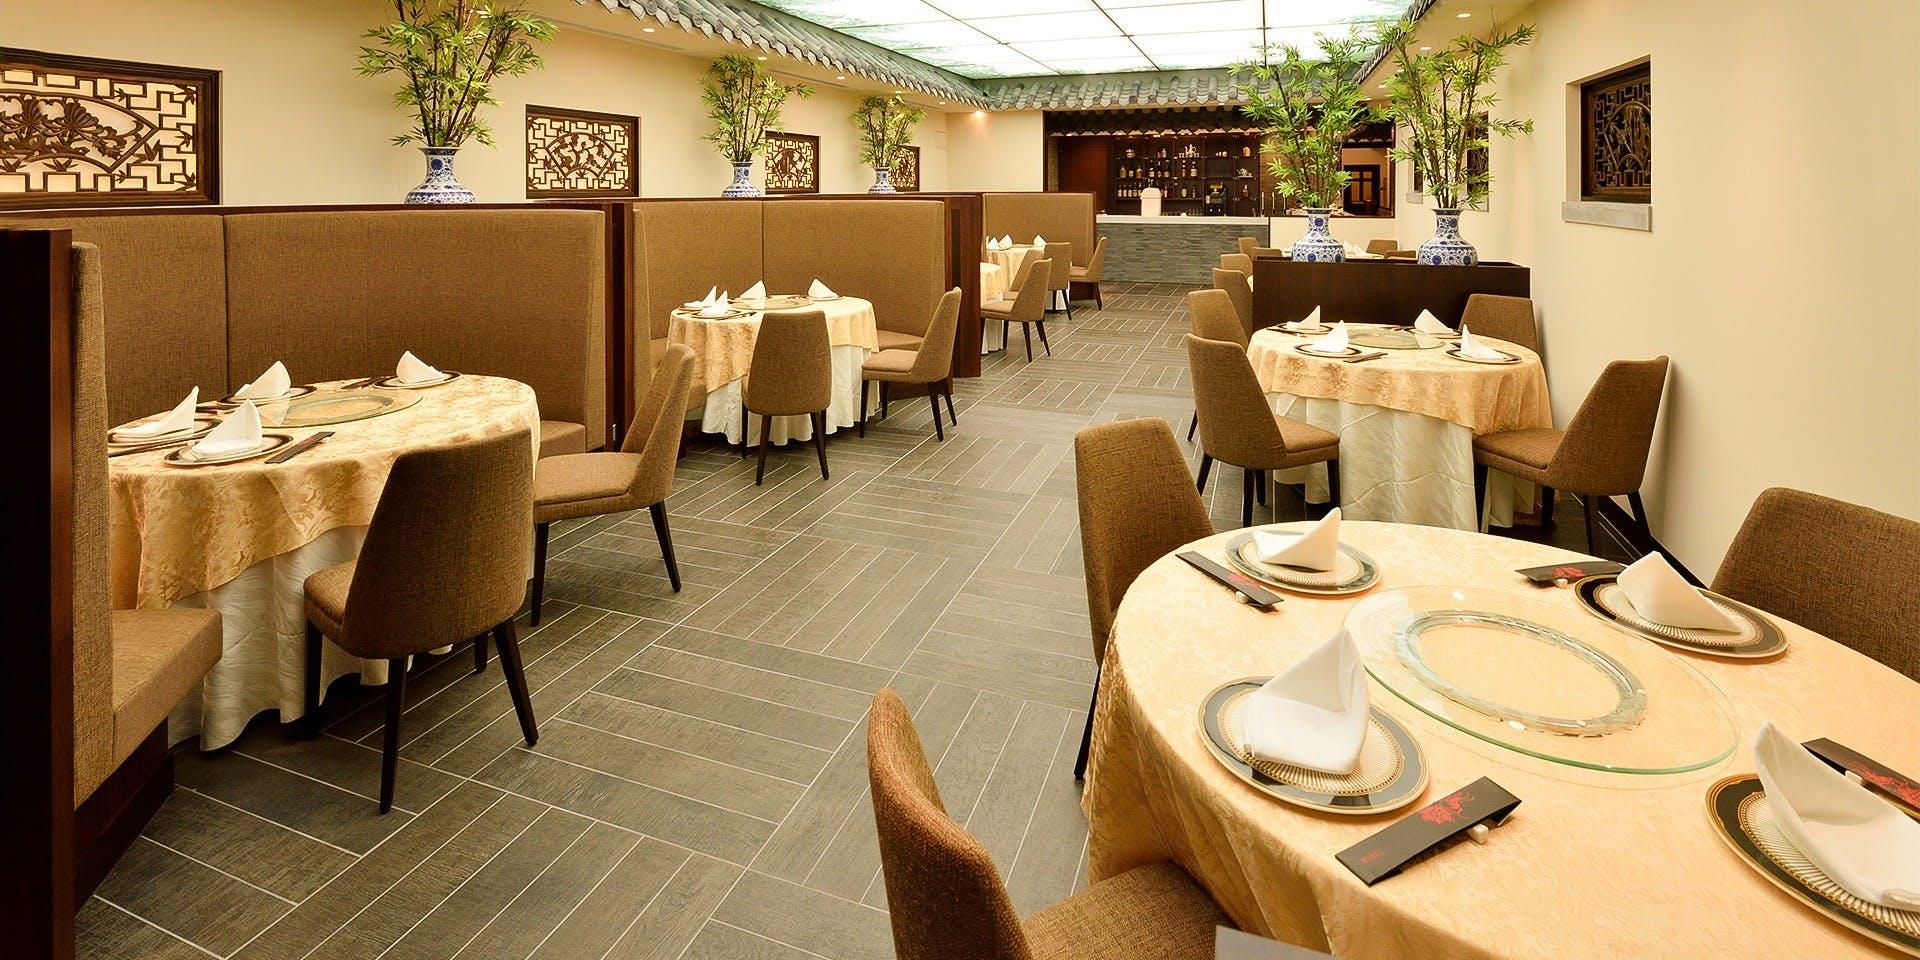 記念日におすすめのレストラン・中国料理 旬遊紀/ホテル雅叙園東京の写真2